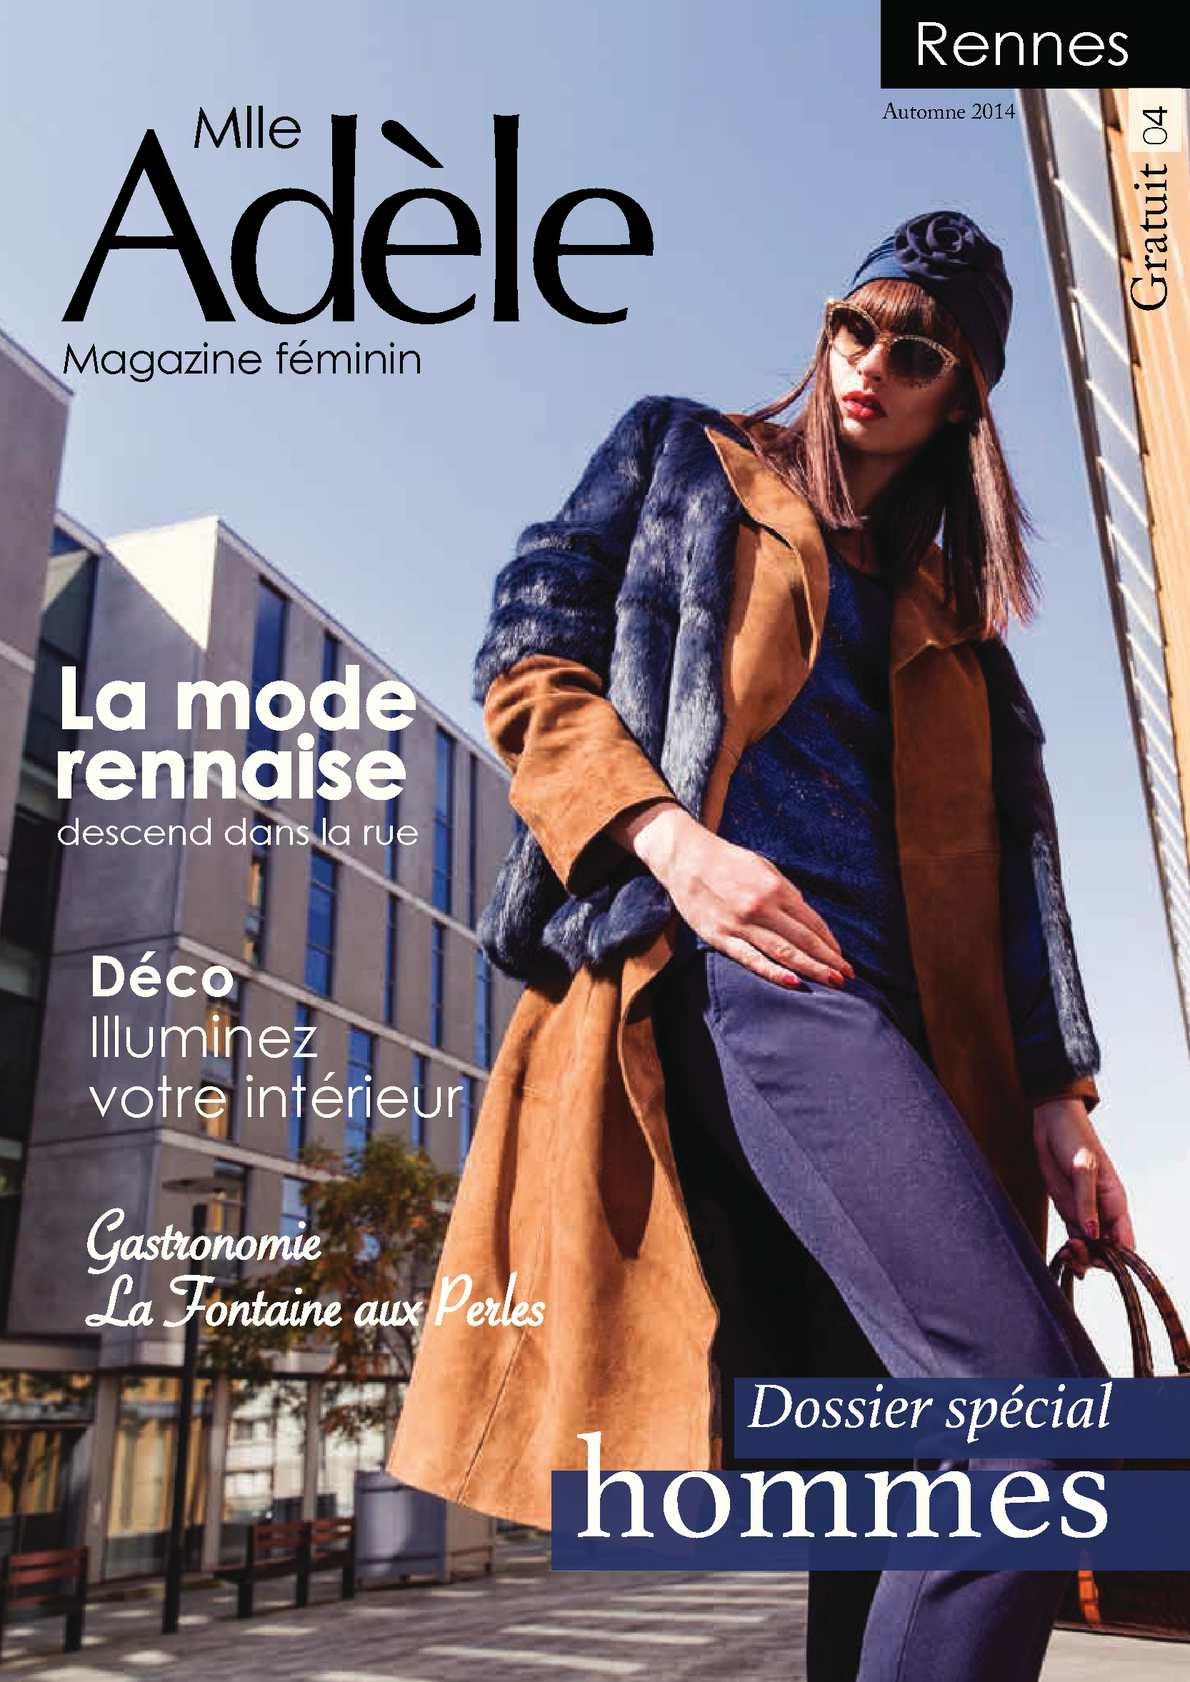 Calaméo - Mlle Adèle Rennes Numéro 4 - Automne 2014 54e0c0173c4